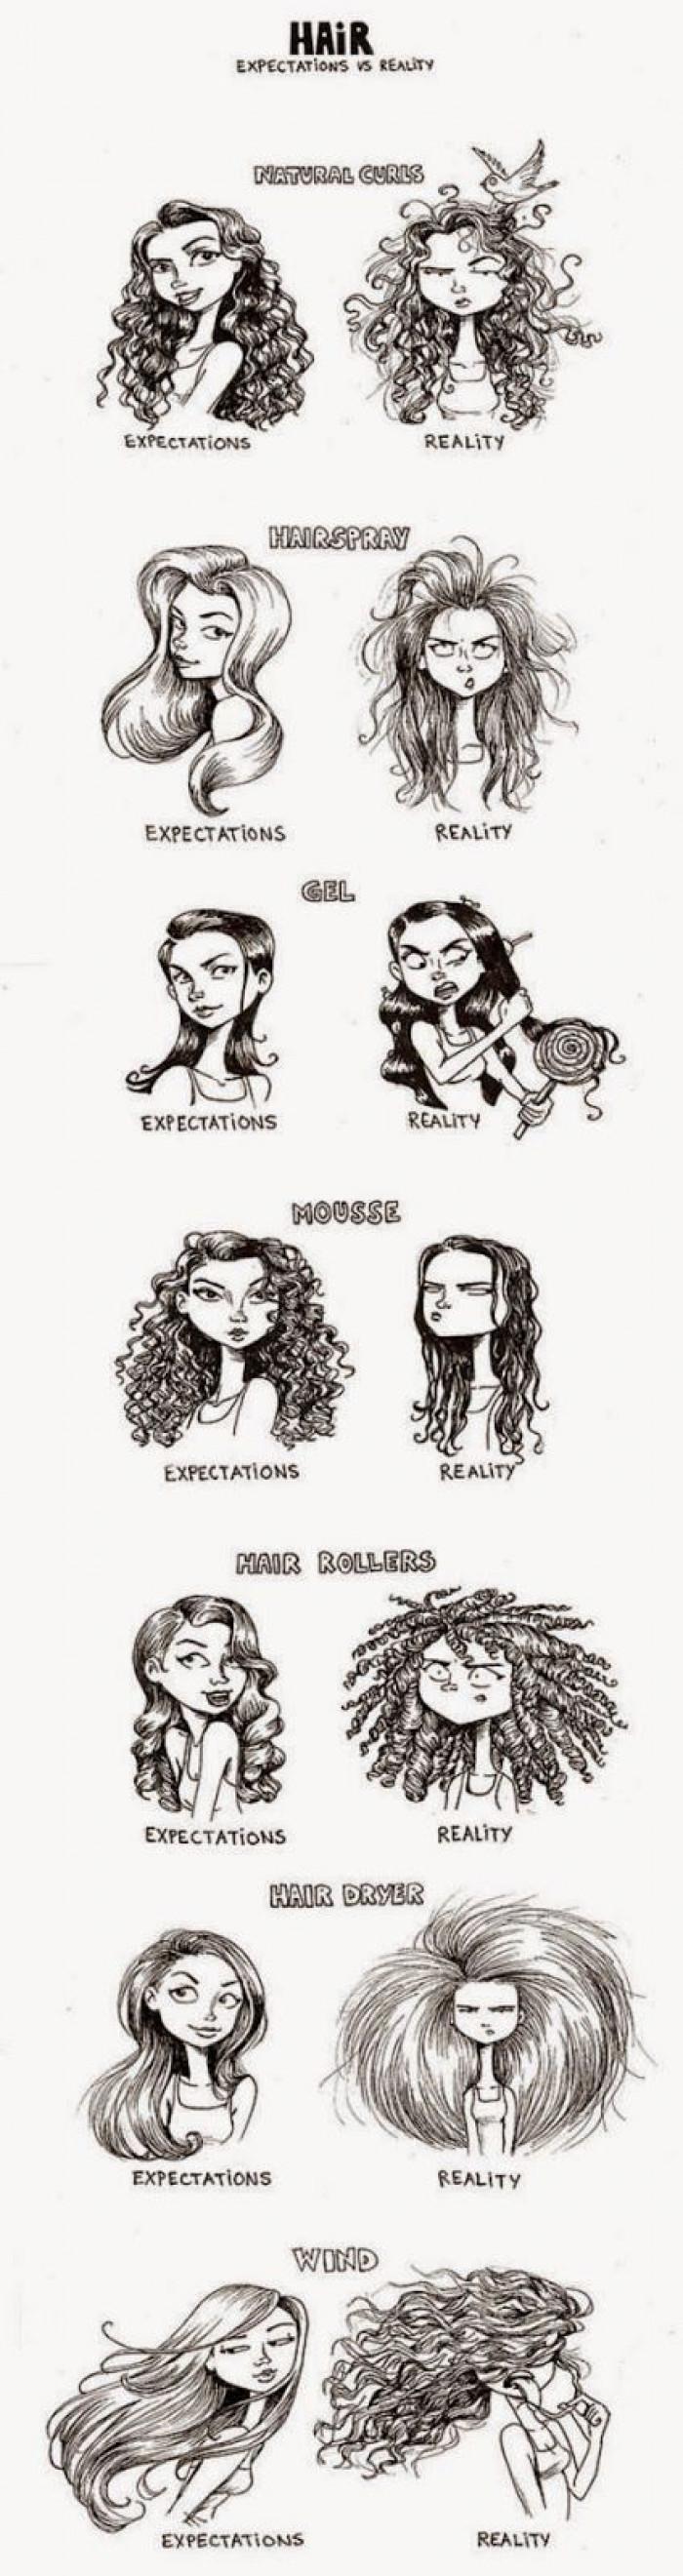 Hair Expectation vs Reality